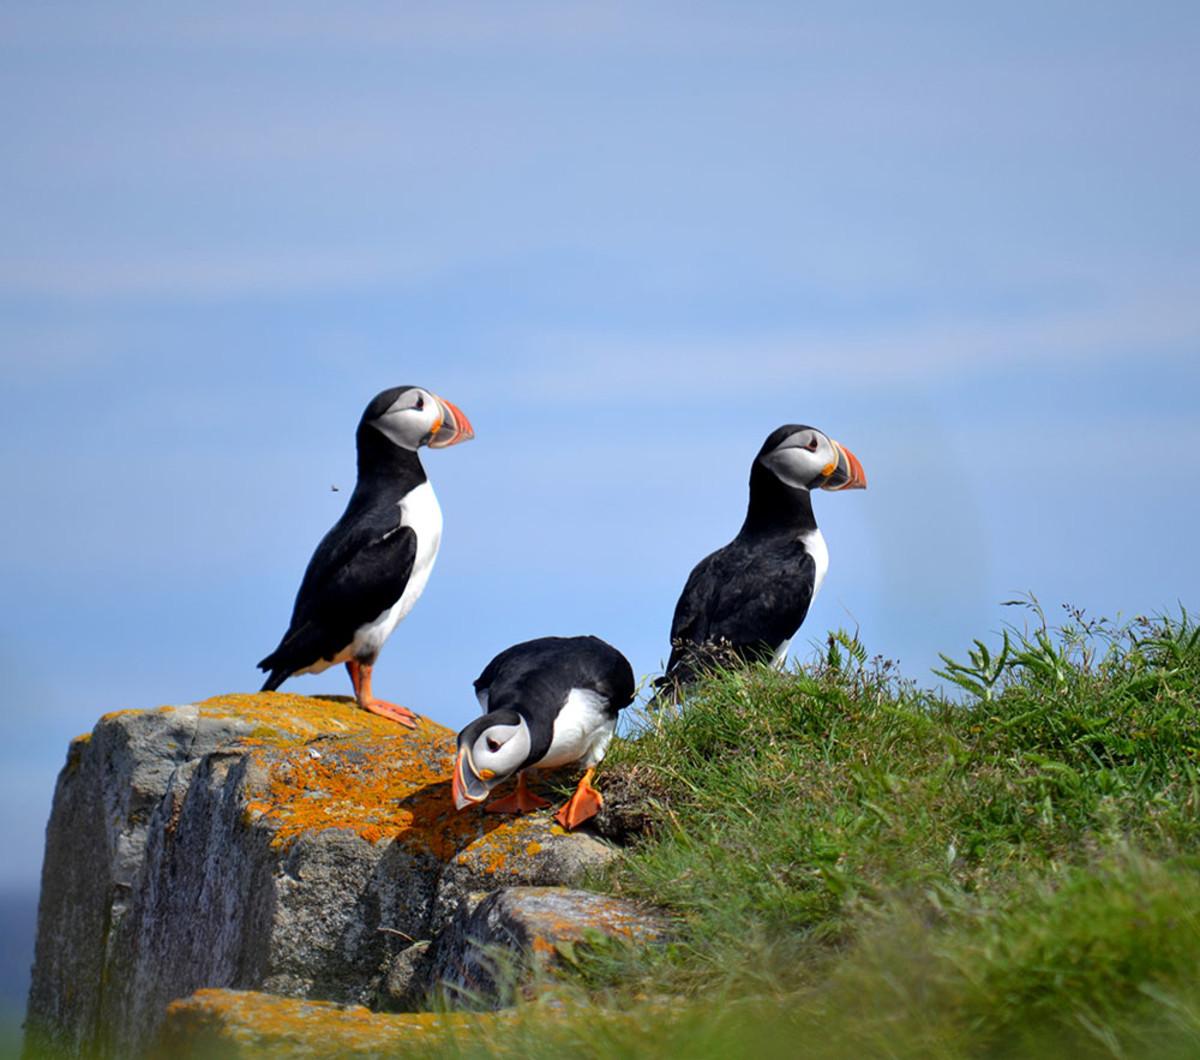 A trio of puffins surveys their surroundings near Elliston.